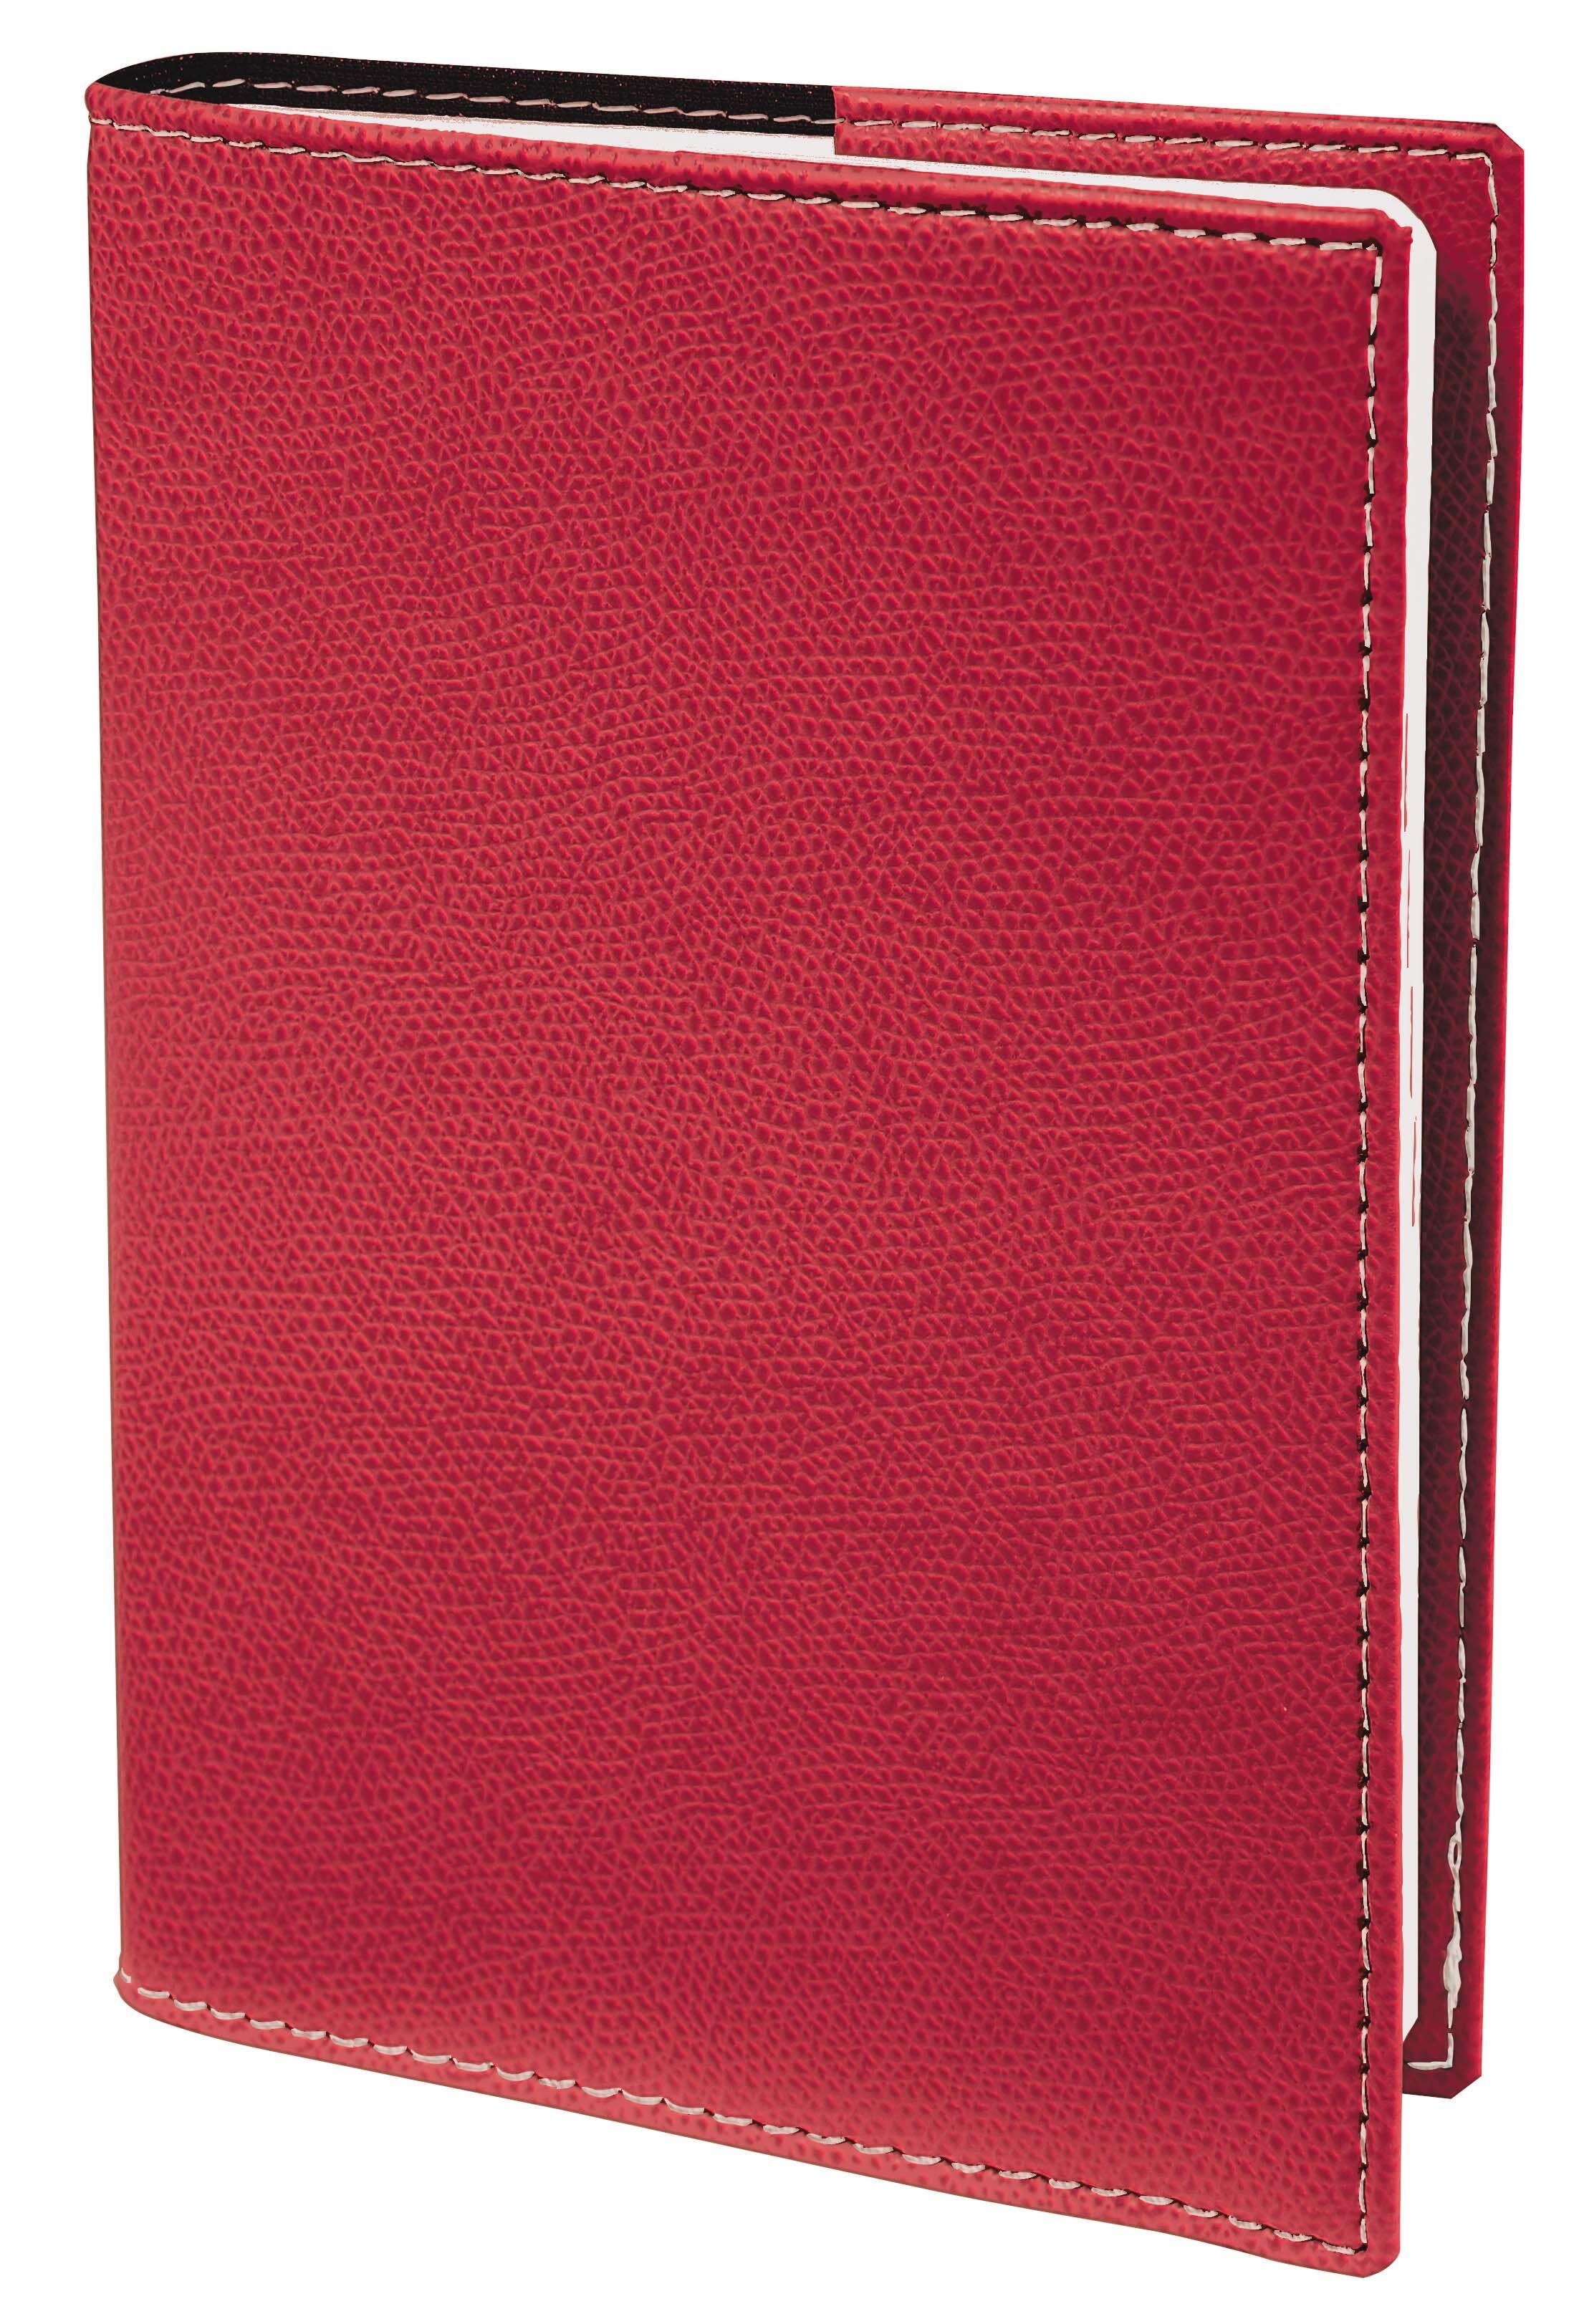 Agenda Club - 1 semaine sur 2 pages - 16 x 24 cm - rouge - Quo Vadis